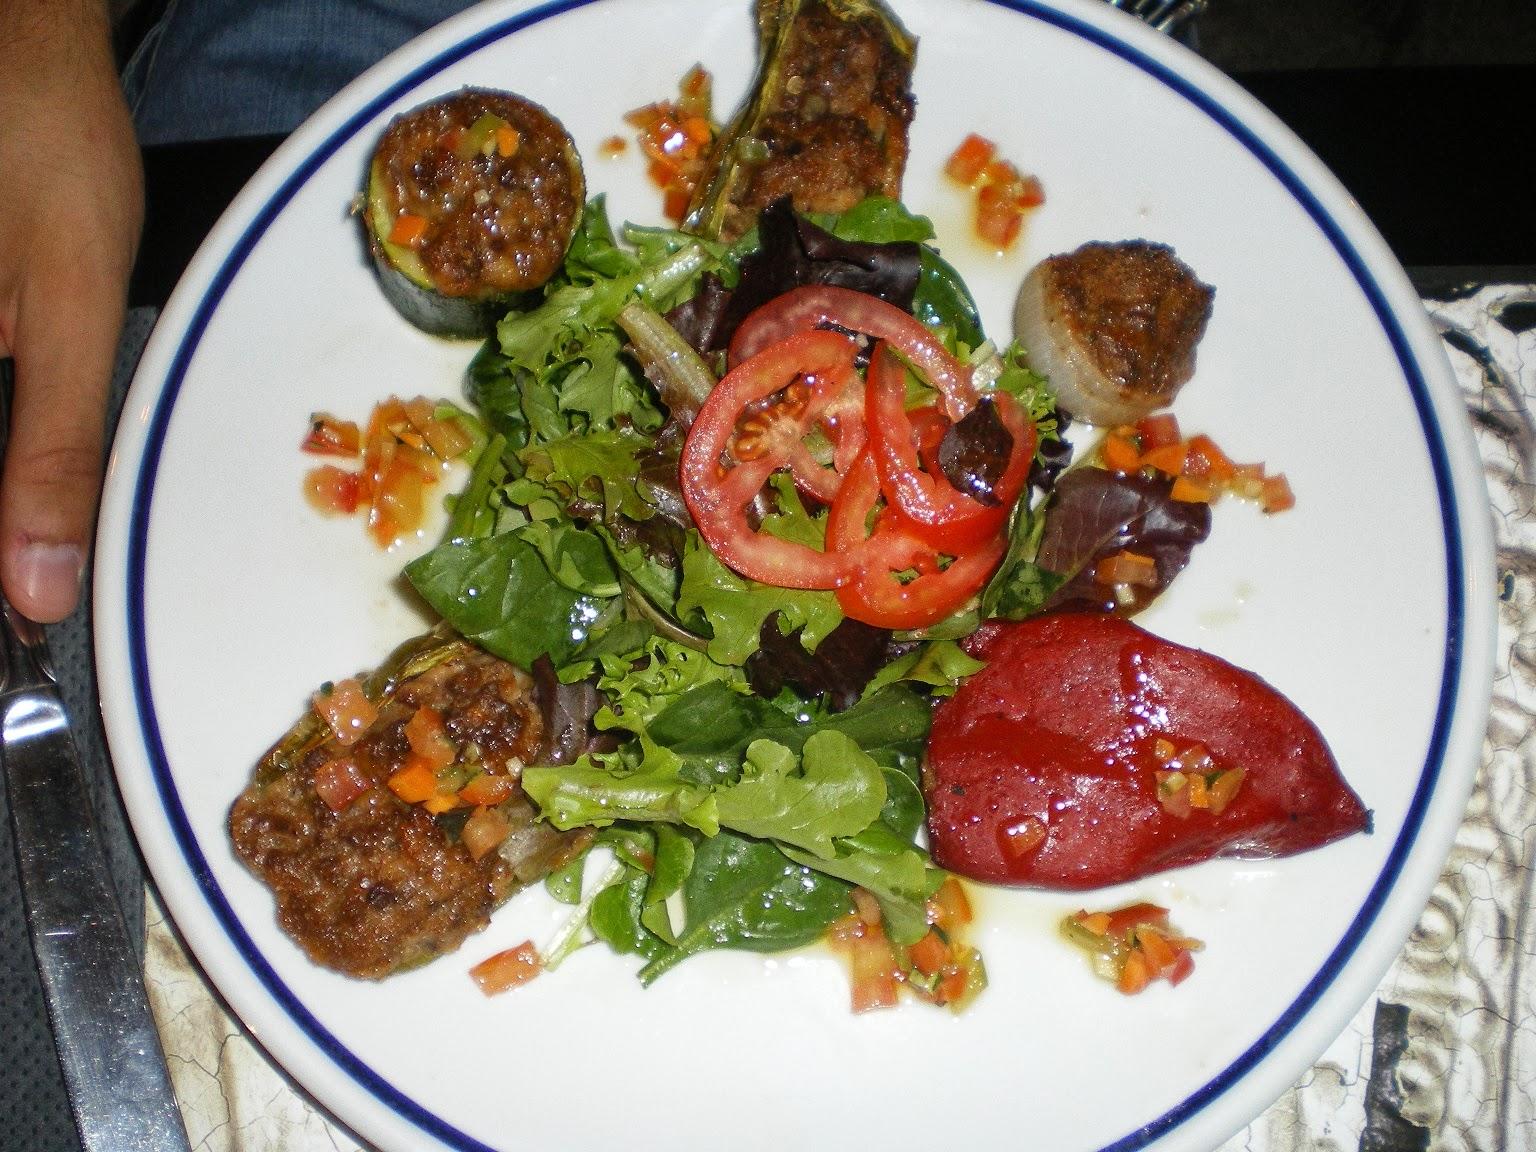 Verdures farcides, un plat típic de Niça